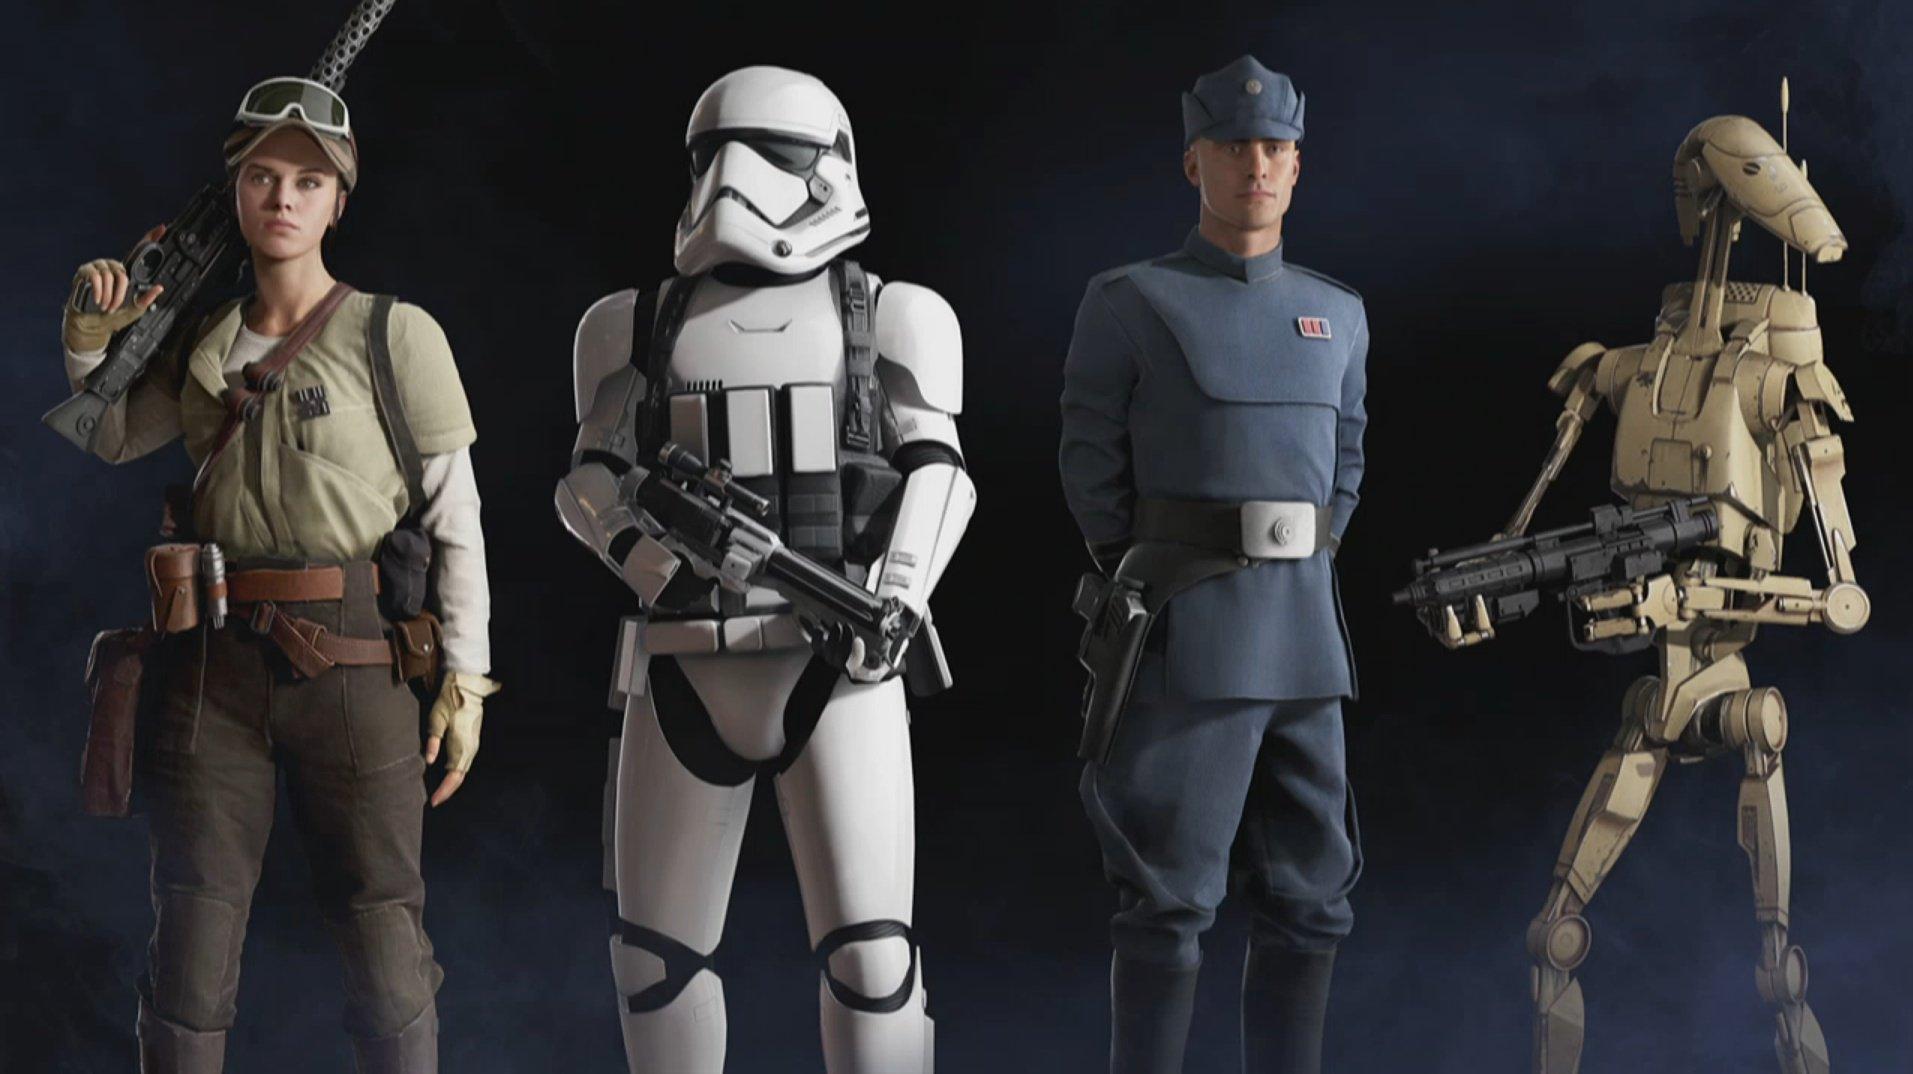 star wars battlefront ii e3 звездные войны 2017 отвратительные мужики disgusting men